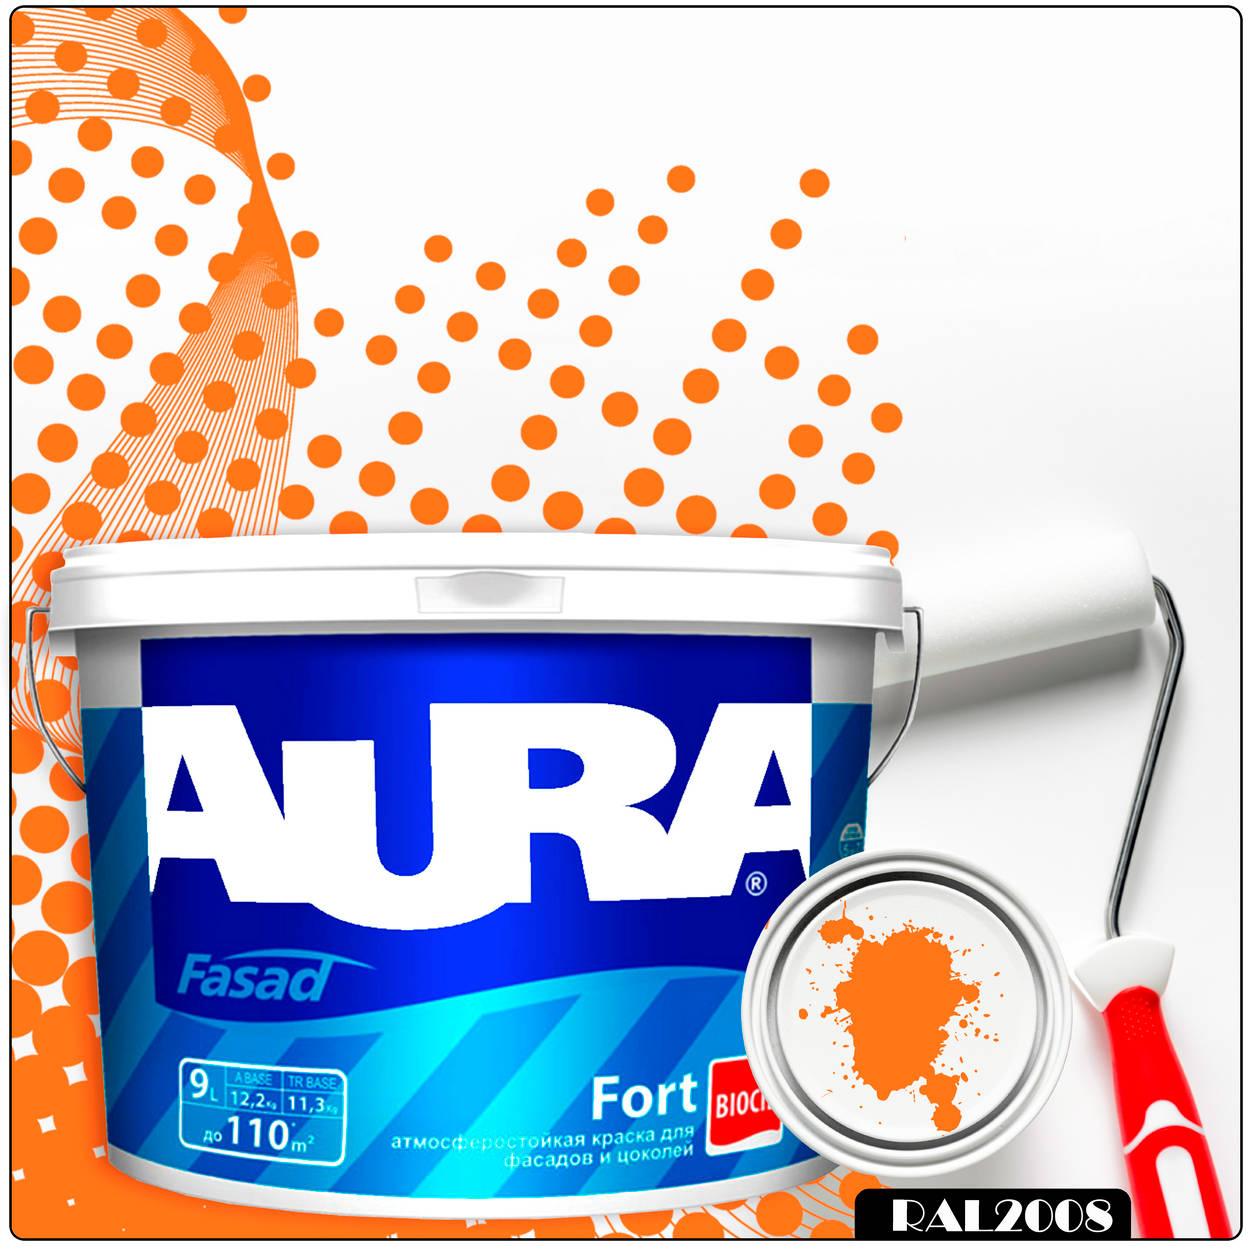 Фото 6 - Краска Aura Fasad Fort, RAL 2008 Ярко-красный-оранжевый, латексная, матовая, для фасада и цоколей, 9л, Аура.